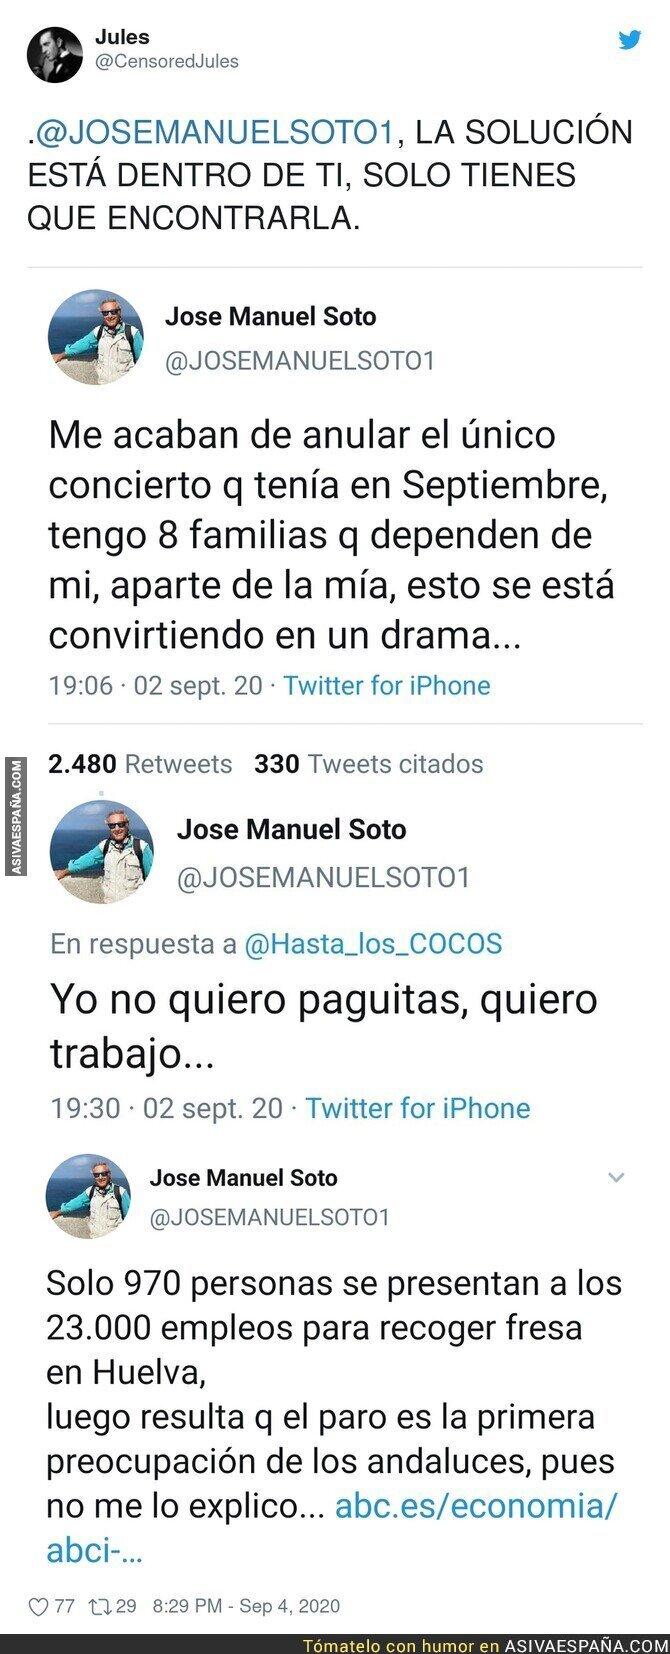 354854 - José Manuel Soto si no trabaja es porque no quiere